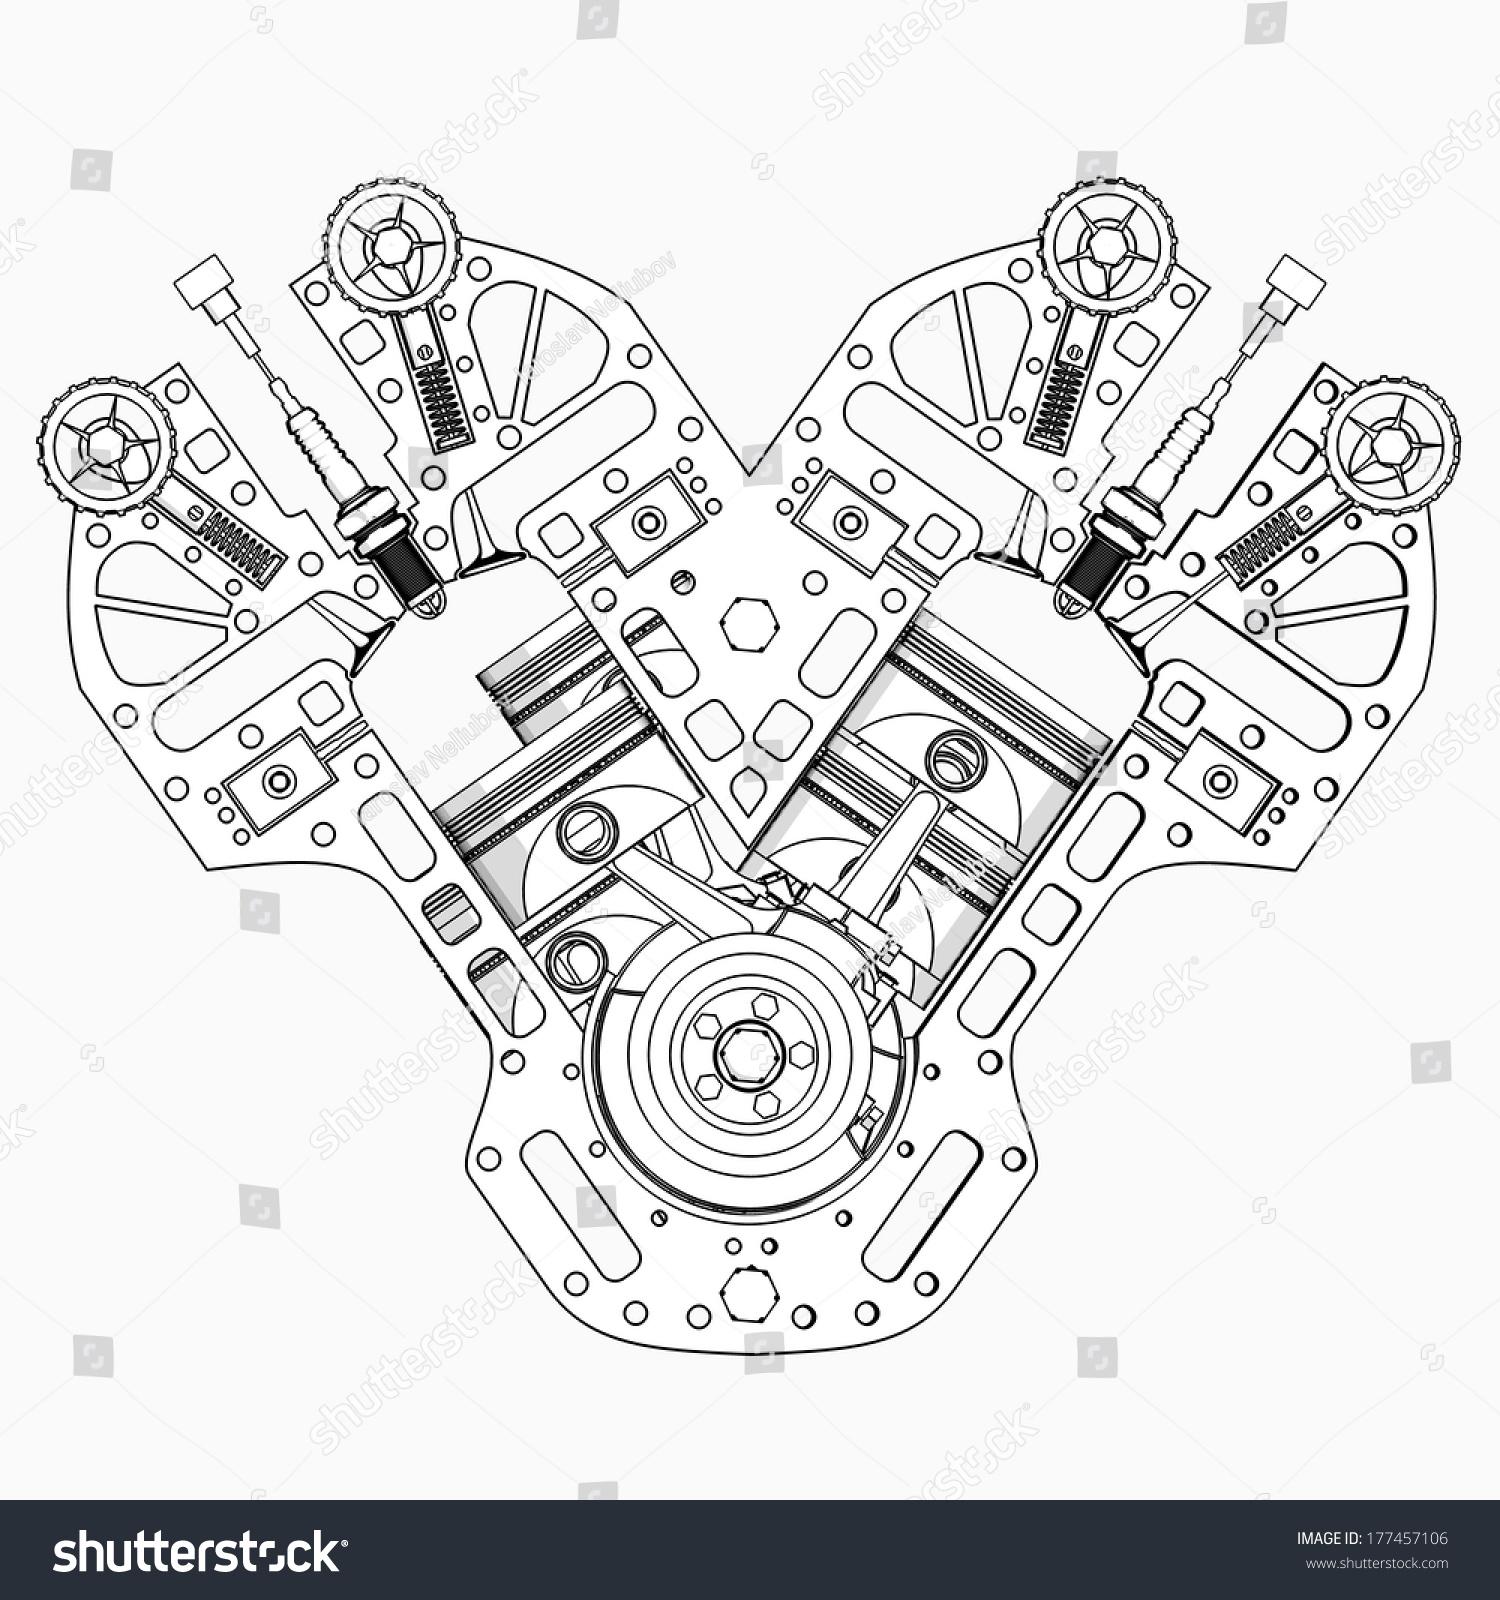 V8 Car engine cartoon illustration outline. High resolution